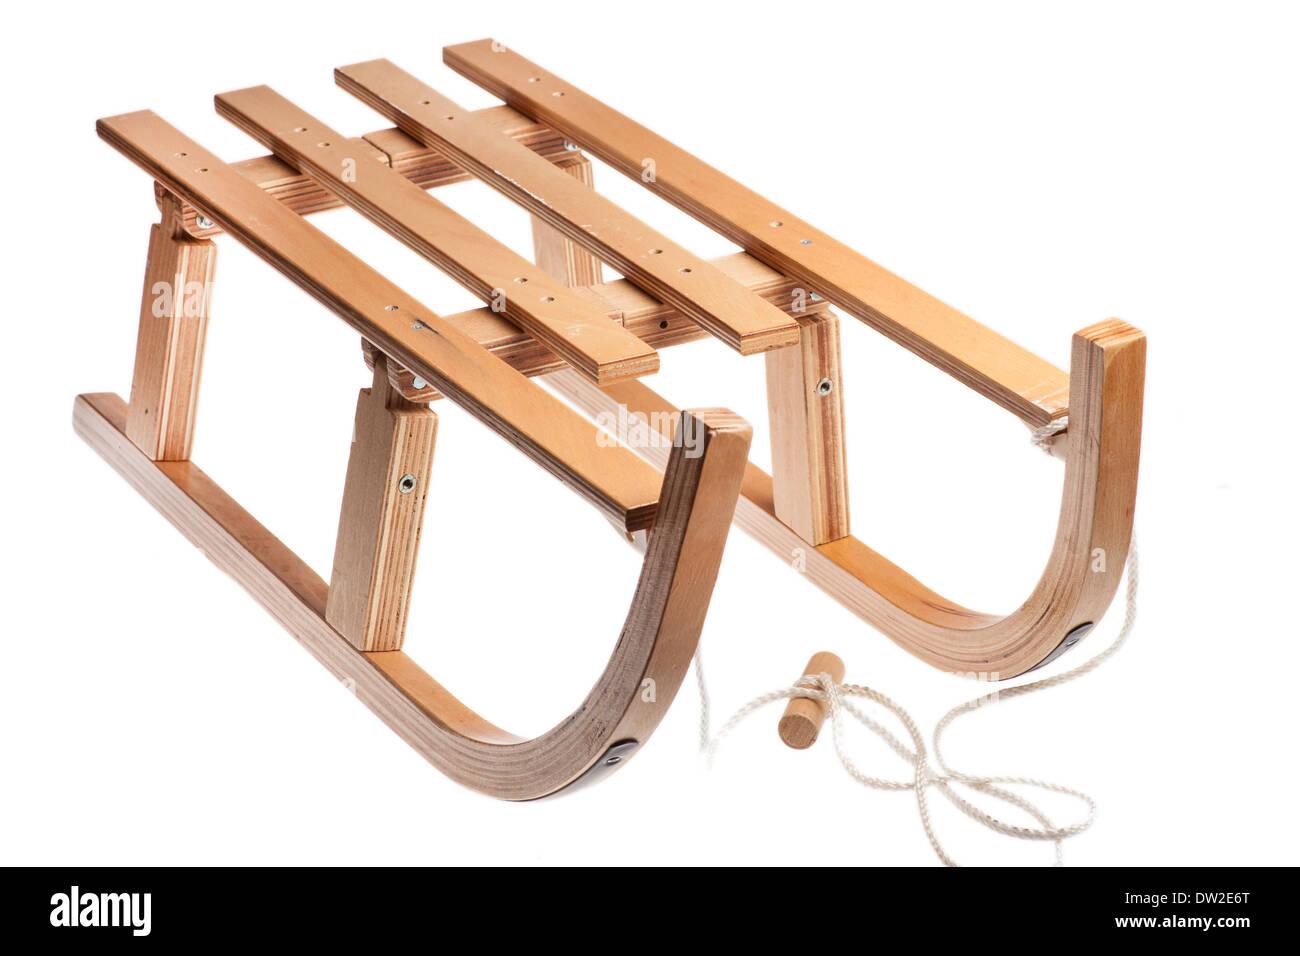 Imagen en color de un trineo de madera vintage aislado en blanco Imagen De Stock